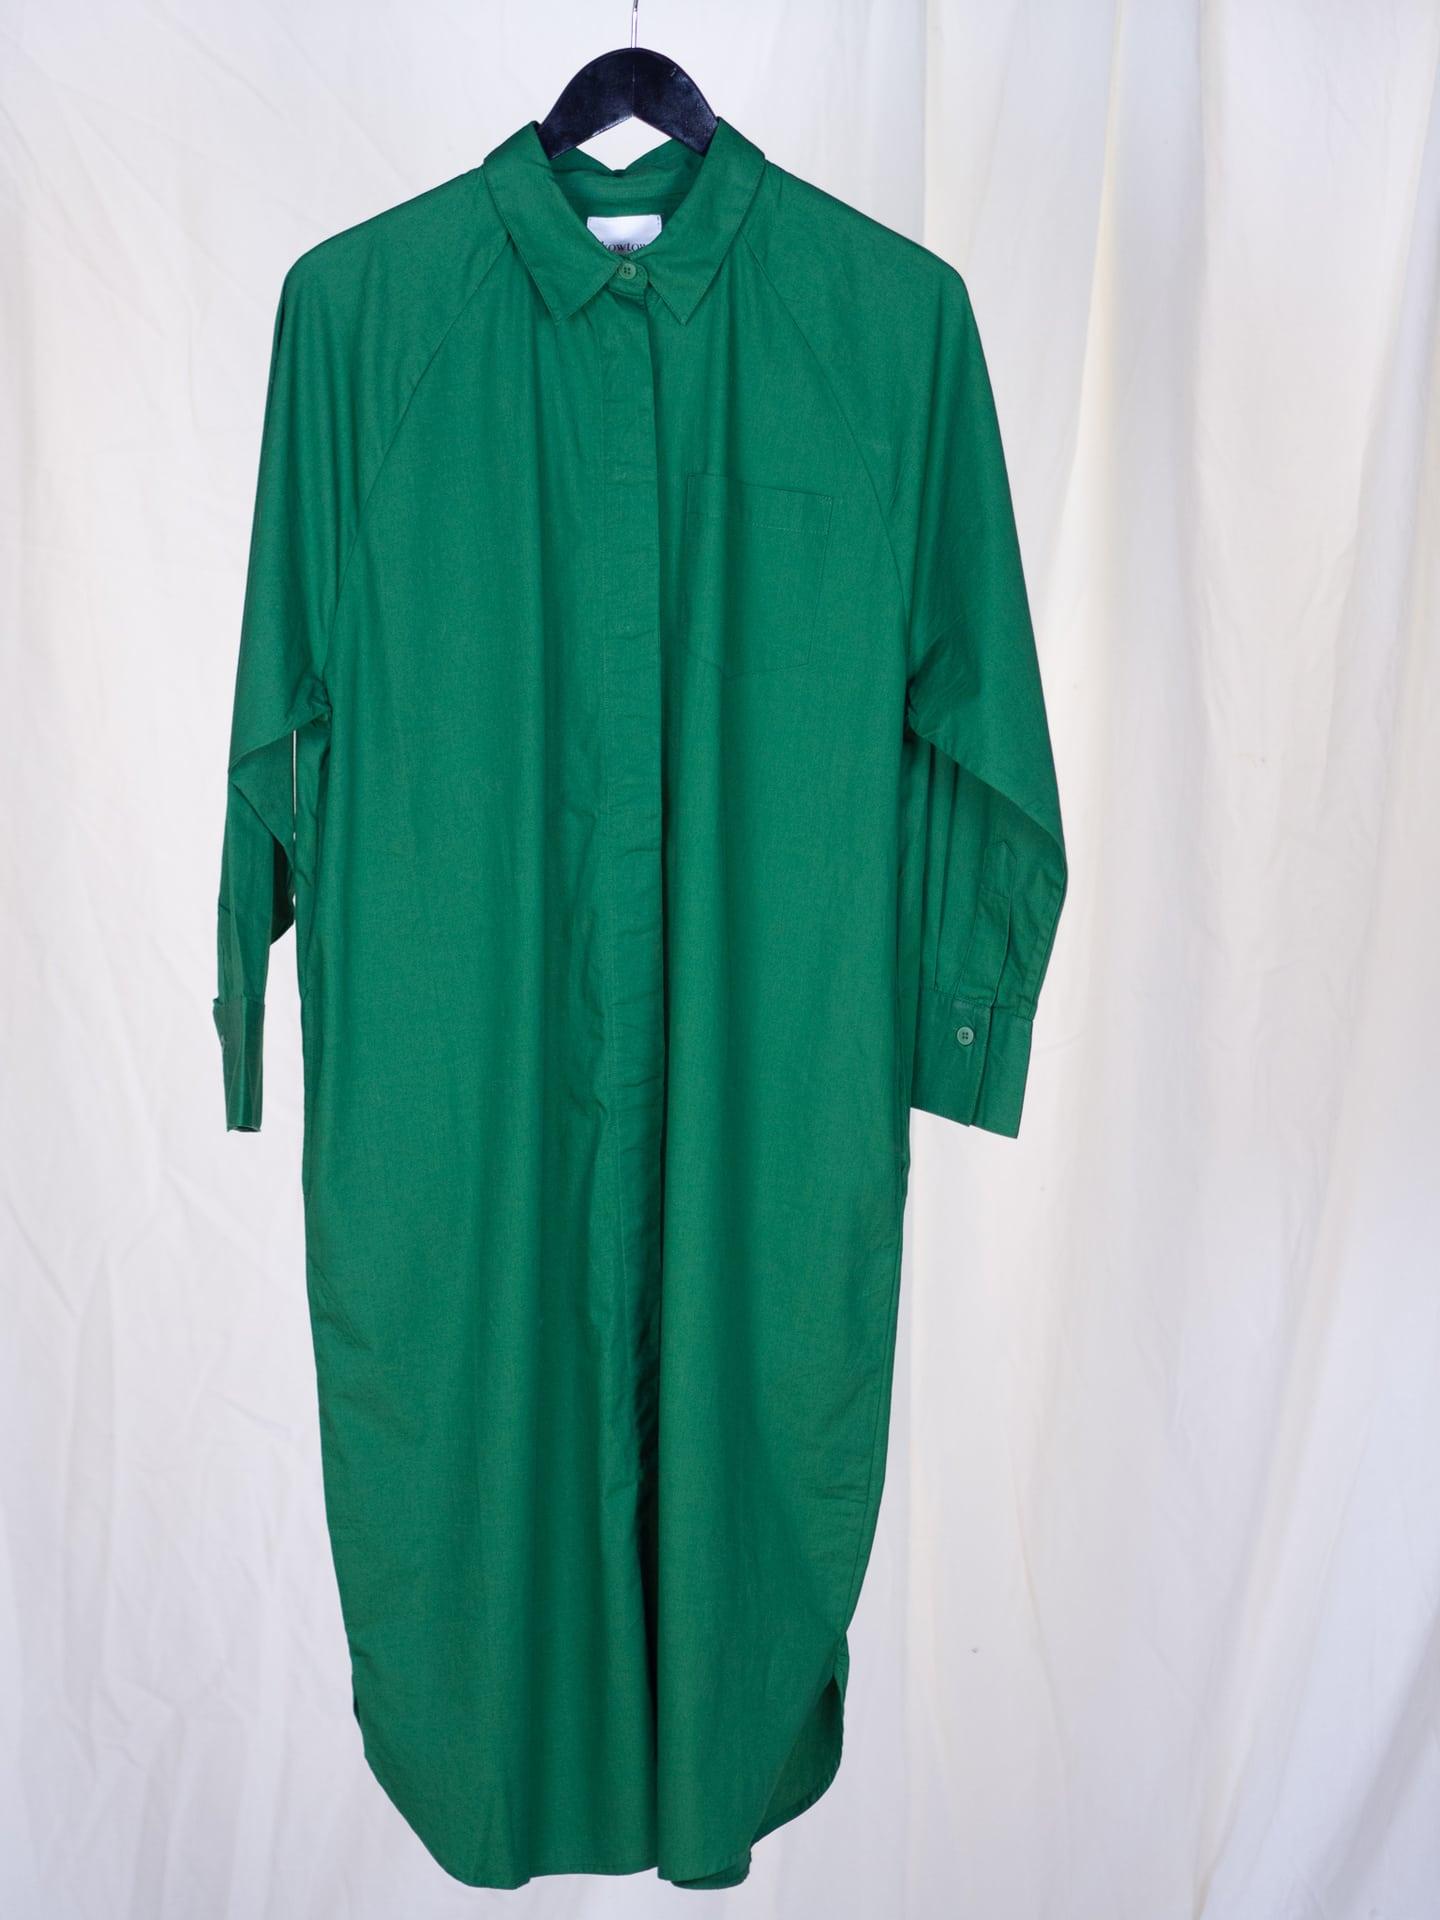 Shirt dress evergreen